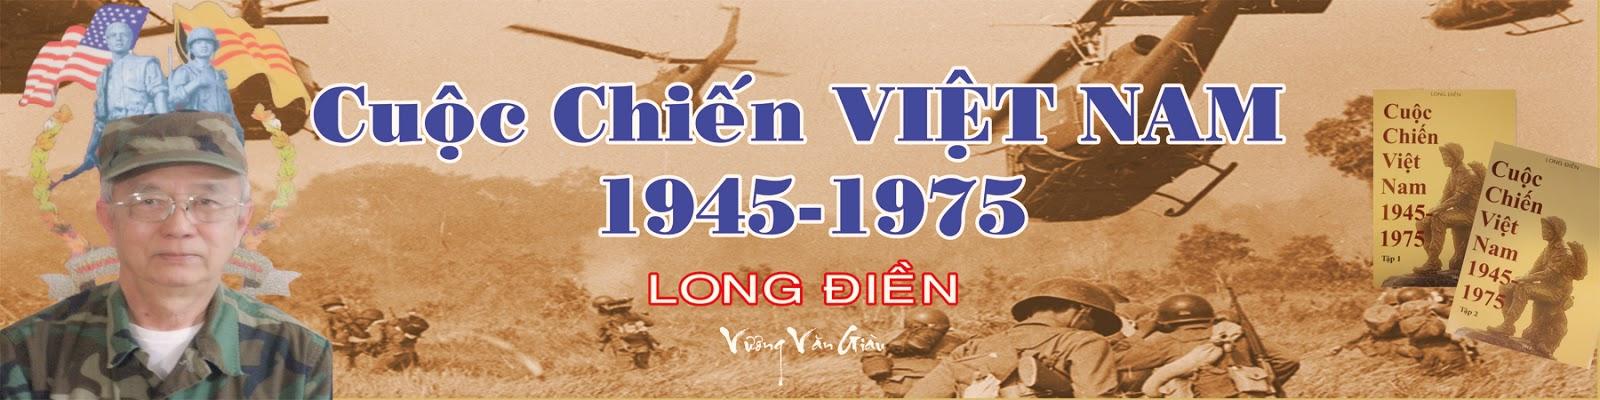 Long Điền – Cuộc Chiến Việt Nam 1945-1975